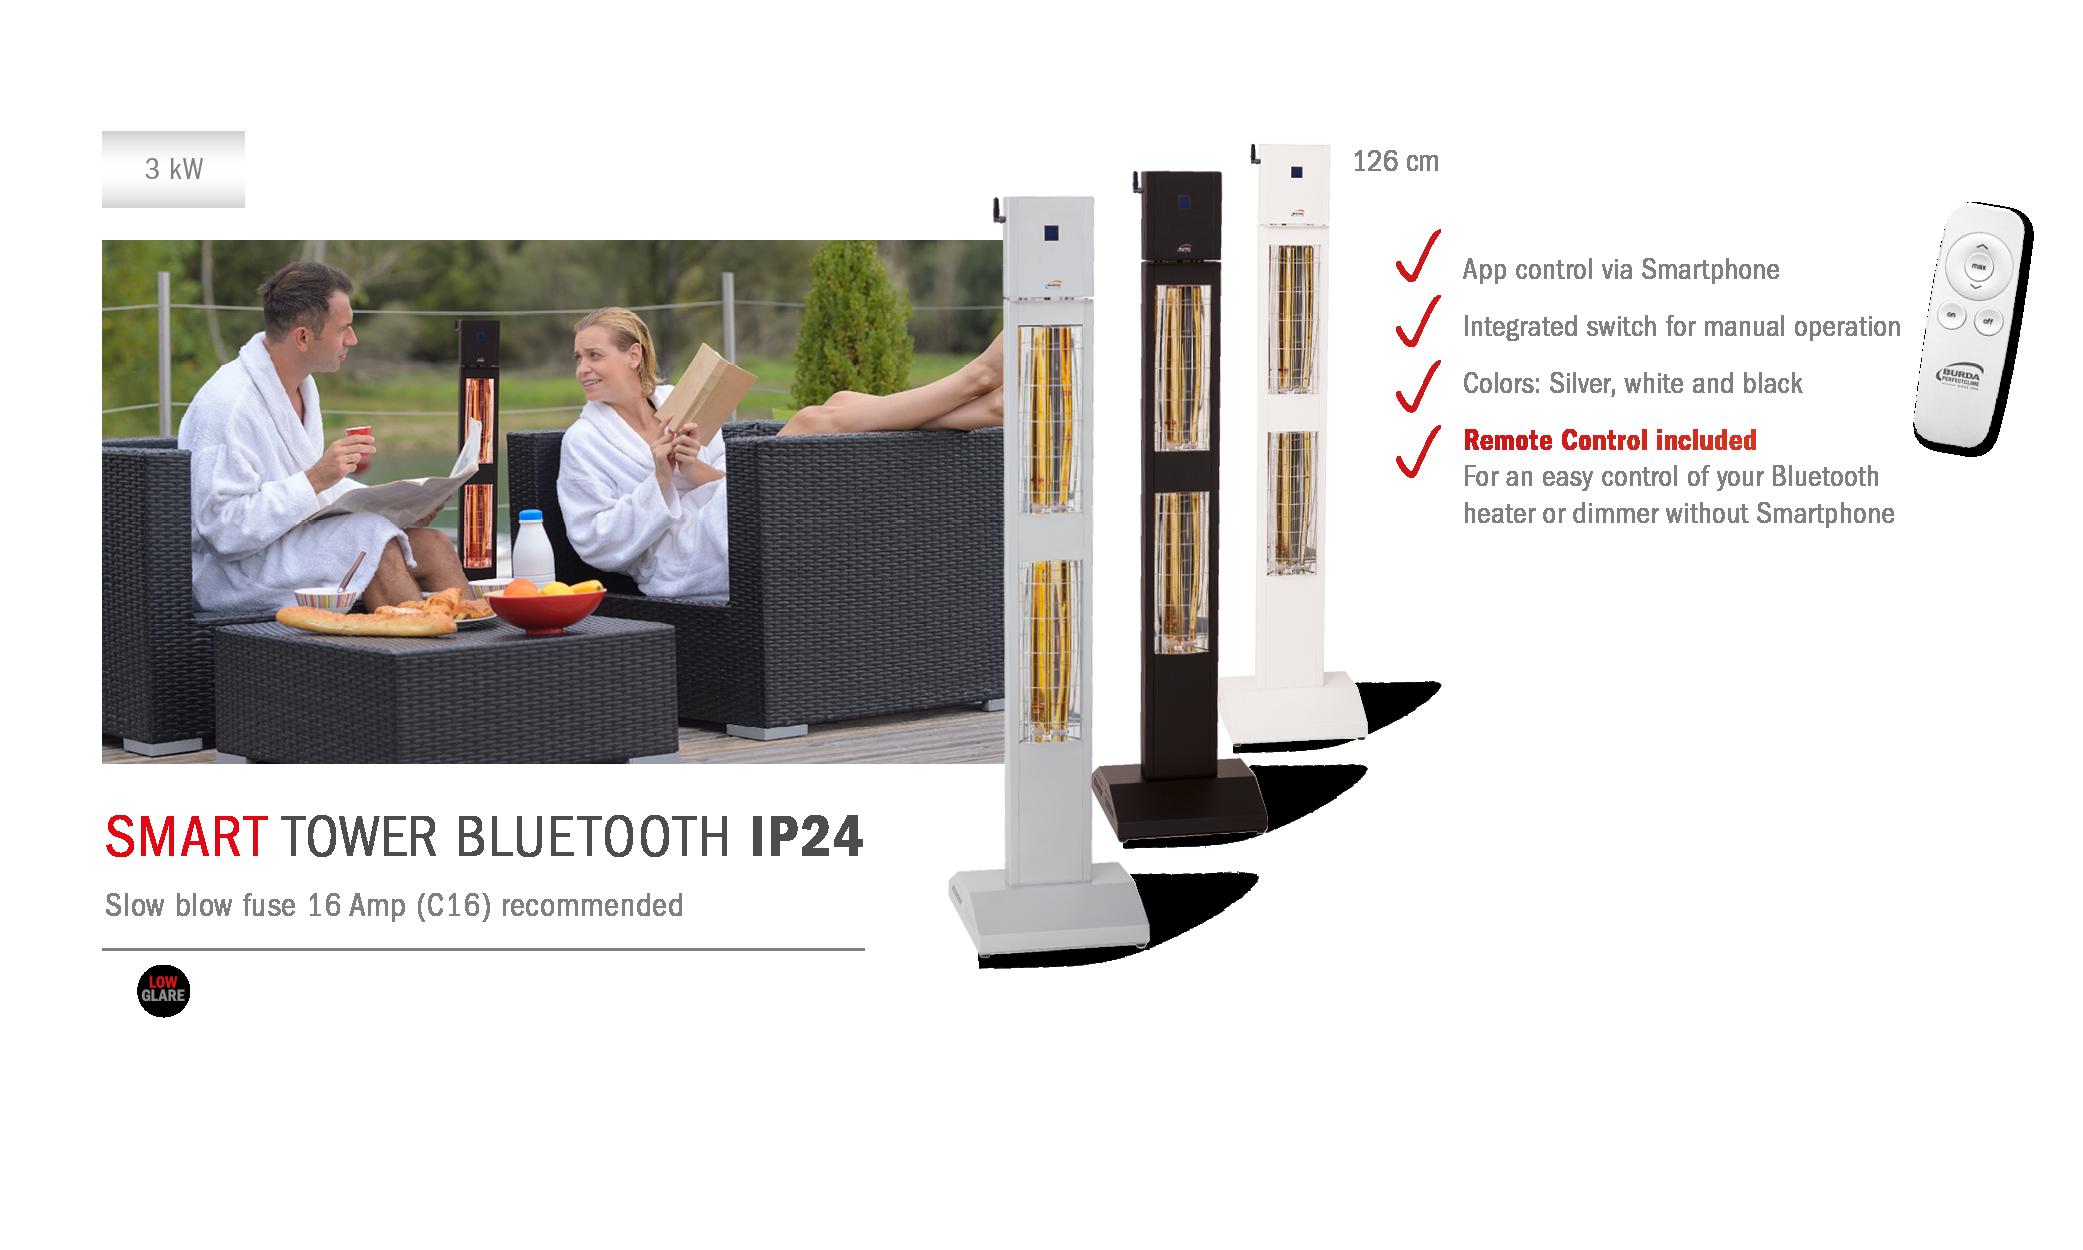 SMART Tower Bluetooth IP24